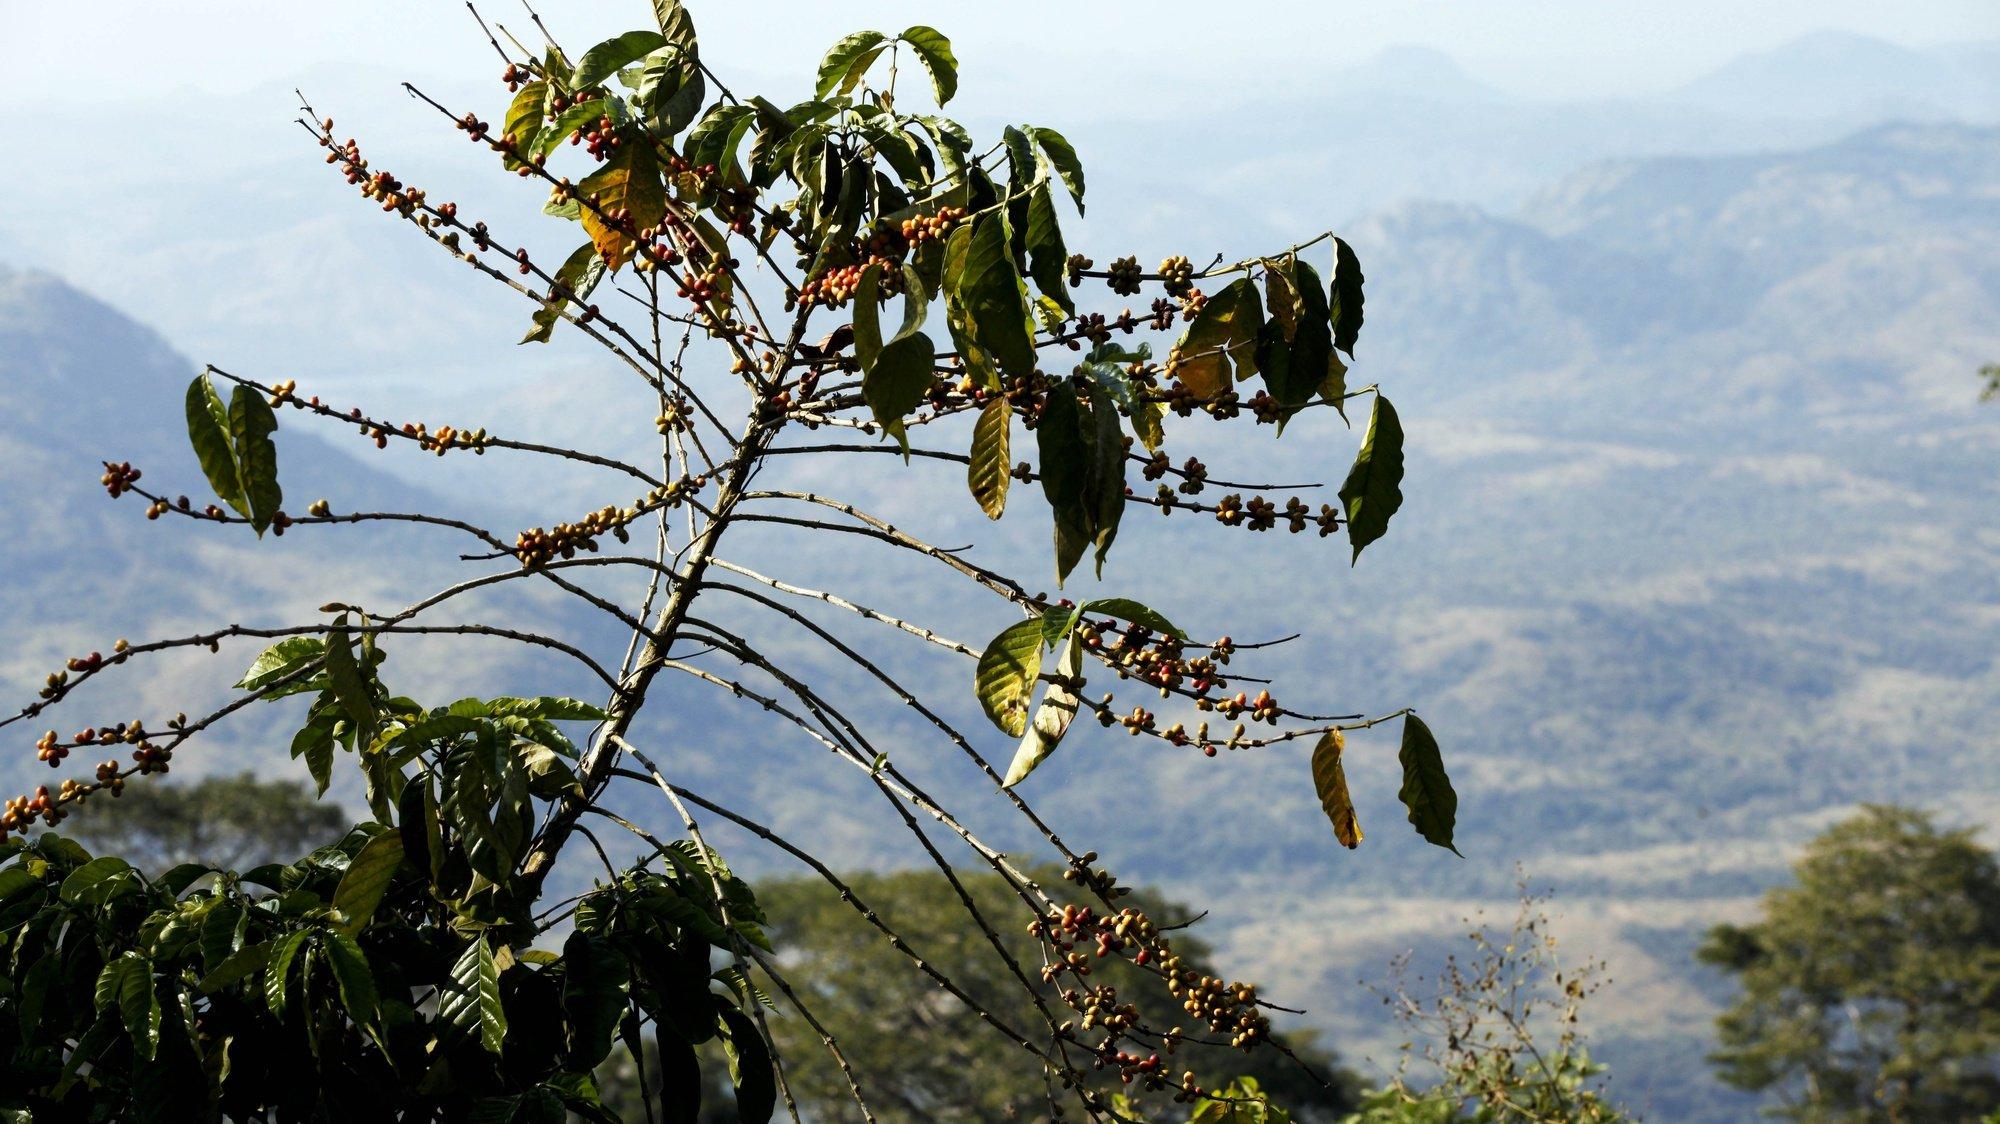 """Uma planta de café na fazenda Cabuta, a maior fazenda de café do país localizada no Calulo, província do Cuanza Sul, a 300 quilómetros de Luanda, Angola, 28 de outubro de 2015. A Fazenda Cabuta produz """"num ano bom de chuva"""" até 400 toneladas de café. (ACOMPANHA TEXTO) PAULO CUNHA/LUSA"""